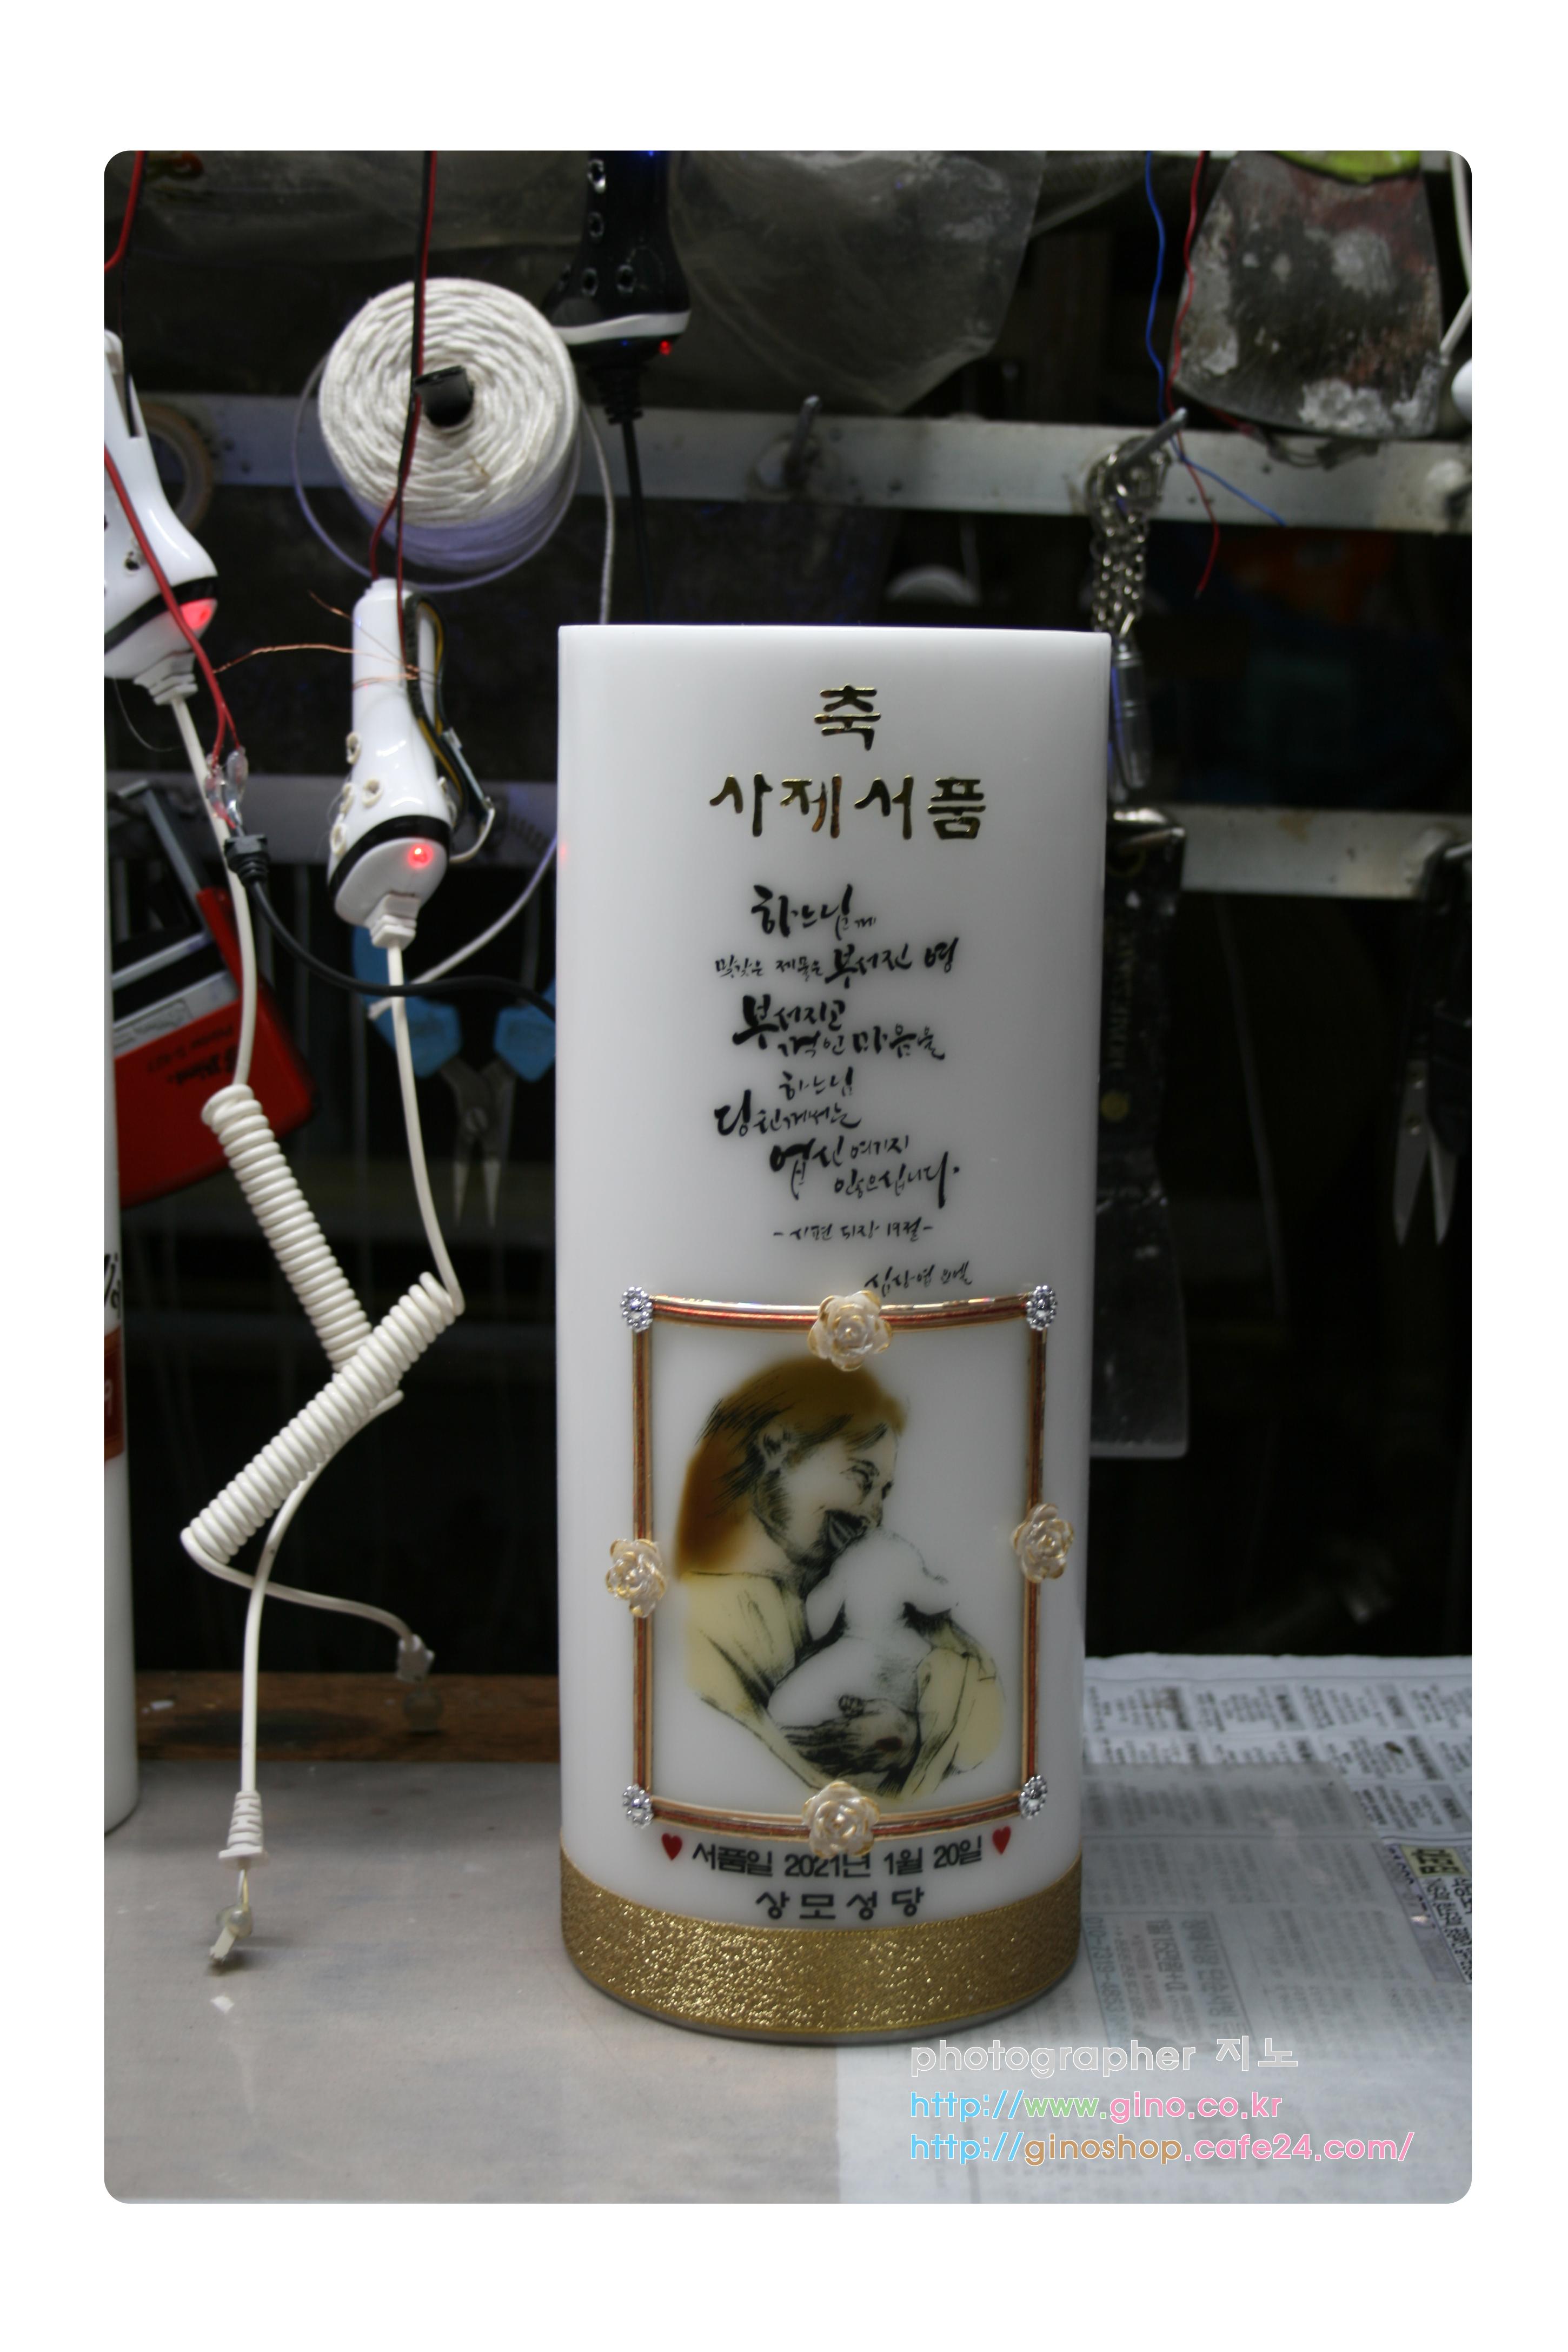 상모성당 심상엽(요엘)신부님 사제서품 양초 캔들 2021.1.20